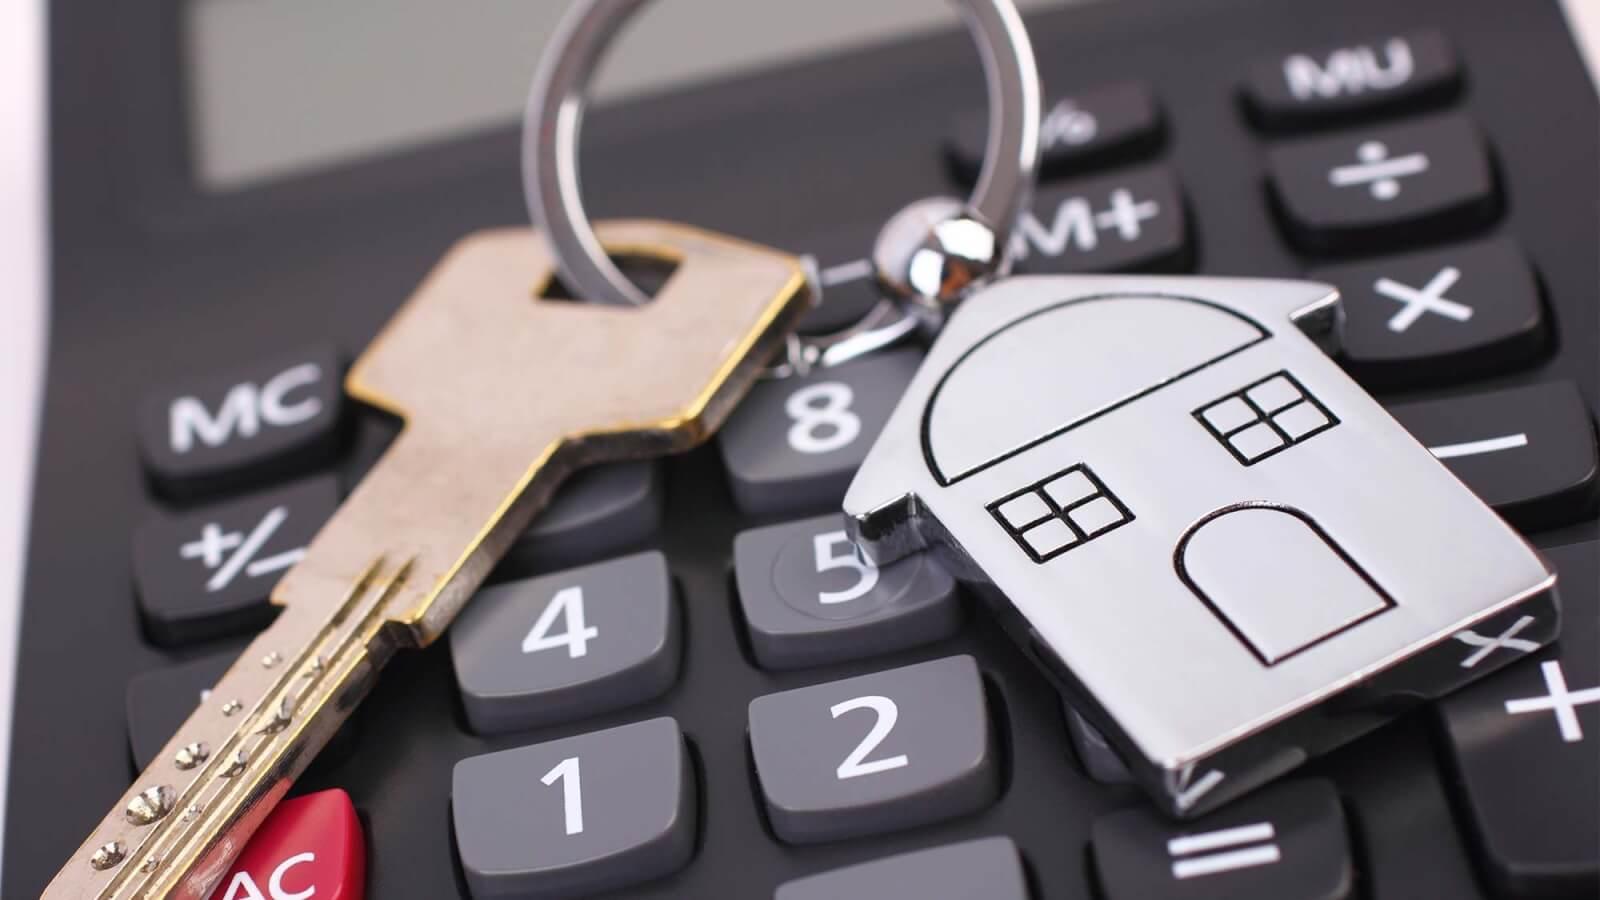 Как рассчитать ипотечный кредит самостоятельно и какие проблемы могут возникнуть